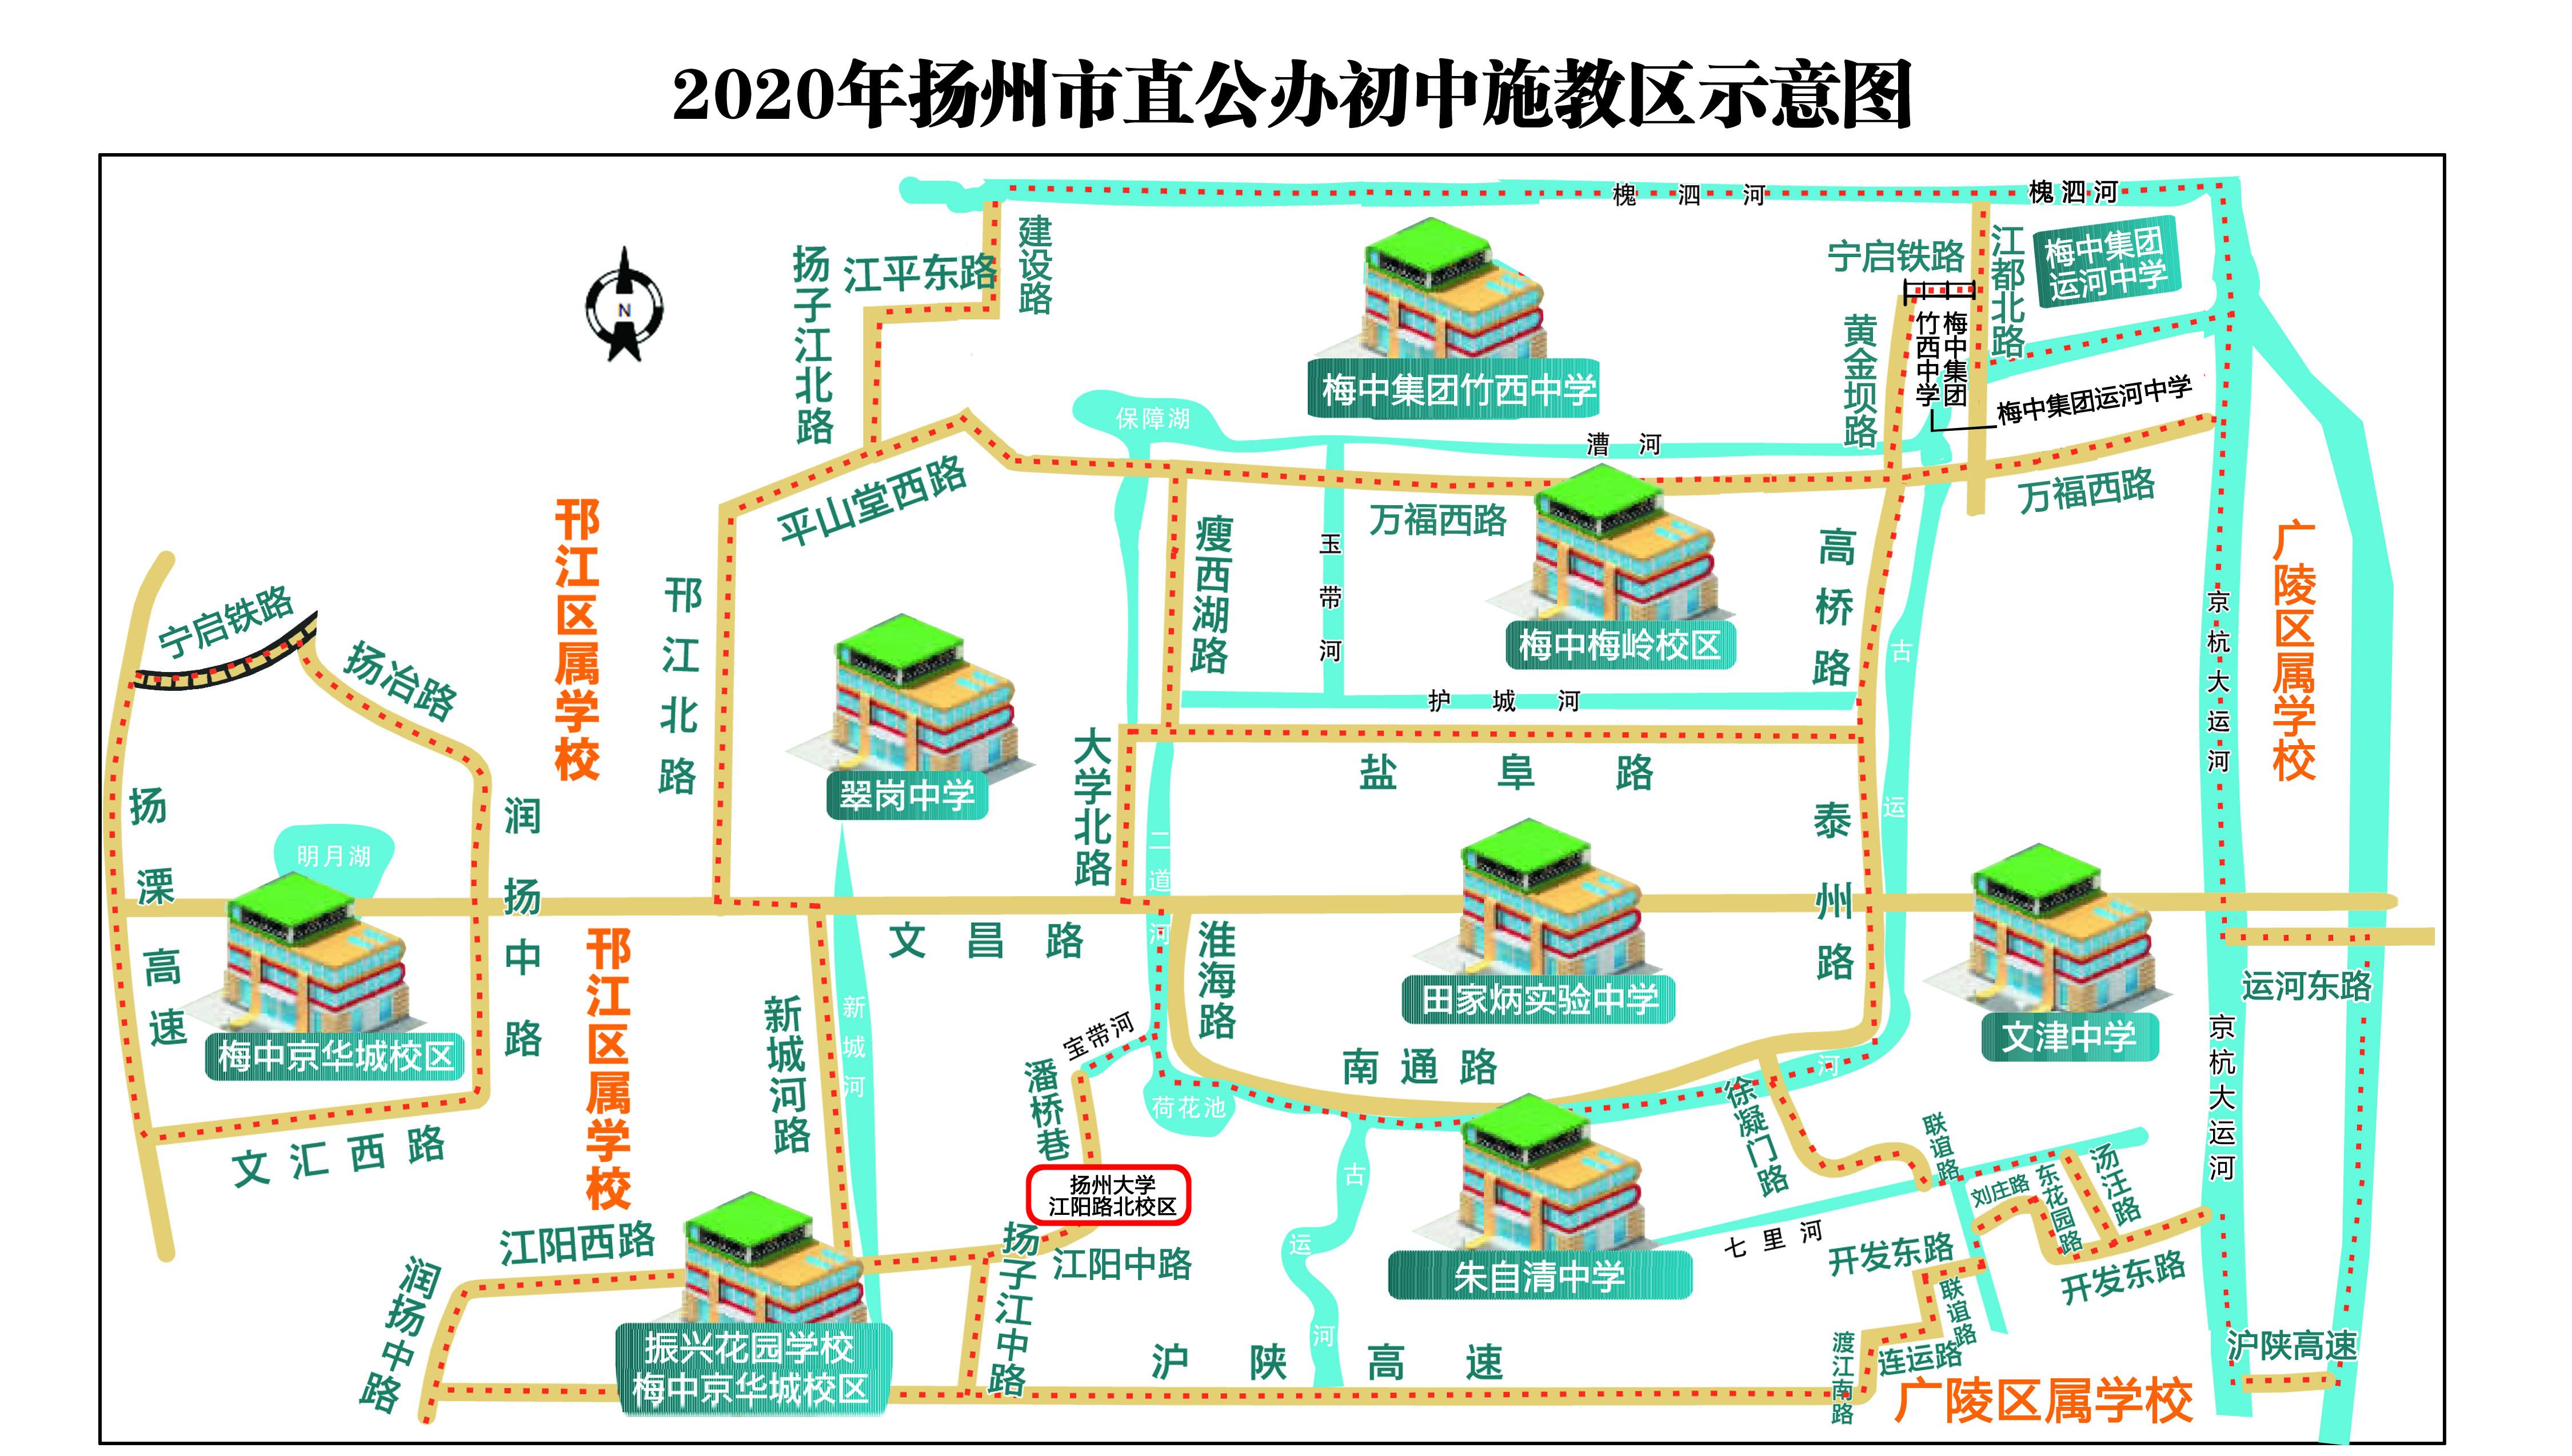 公办初中施教区发布华师大广陵实验初中今年招生